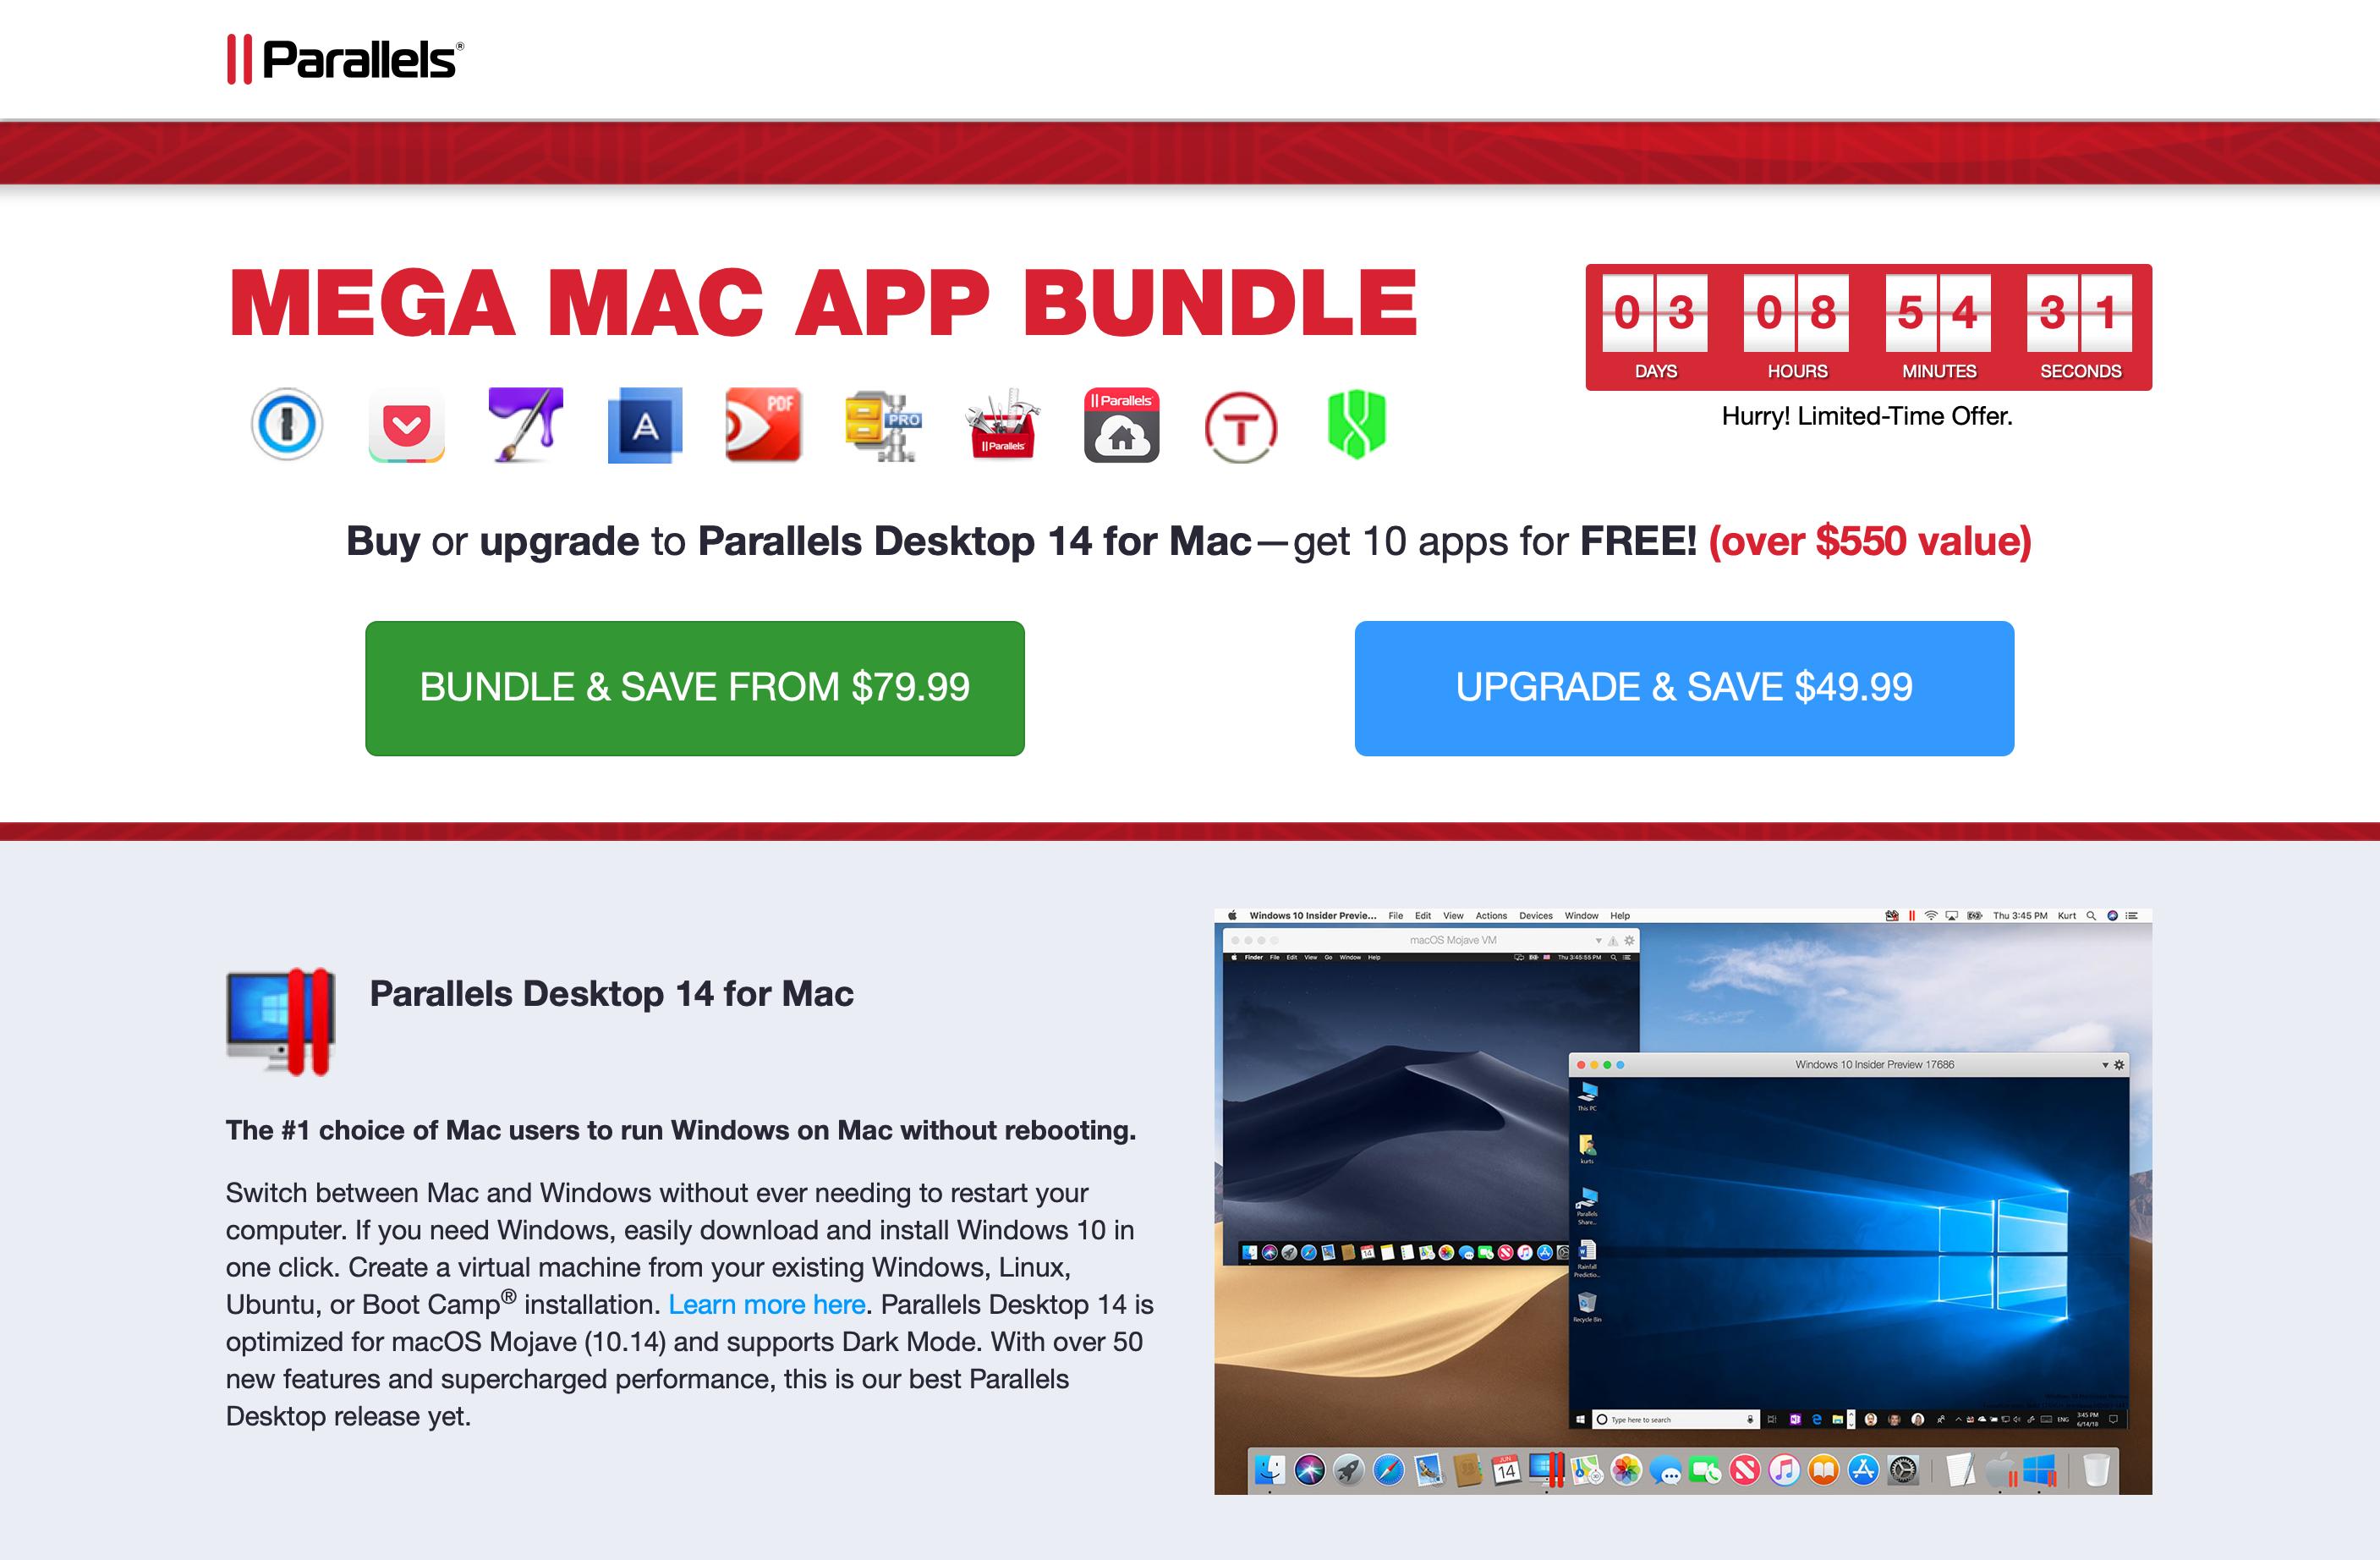 Mega Mac App Bundle